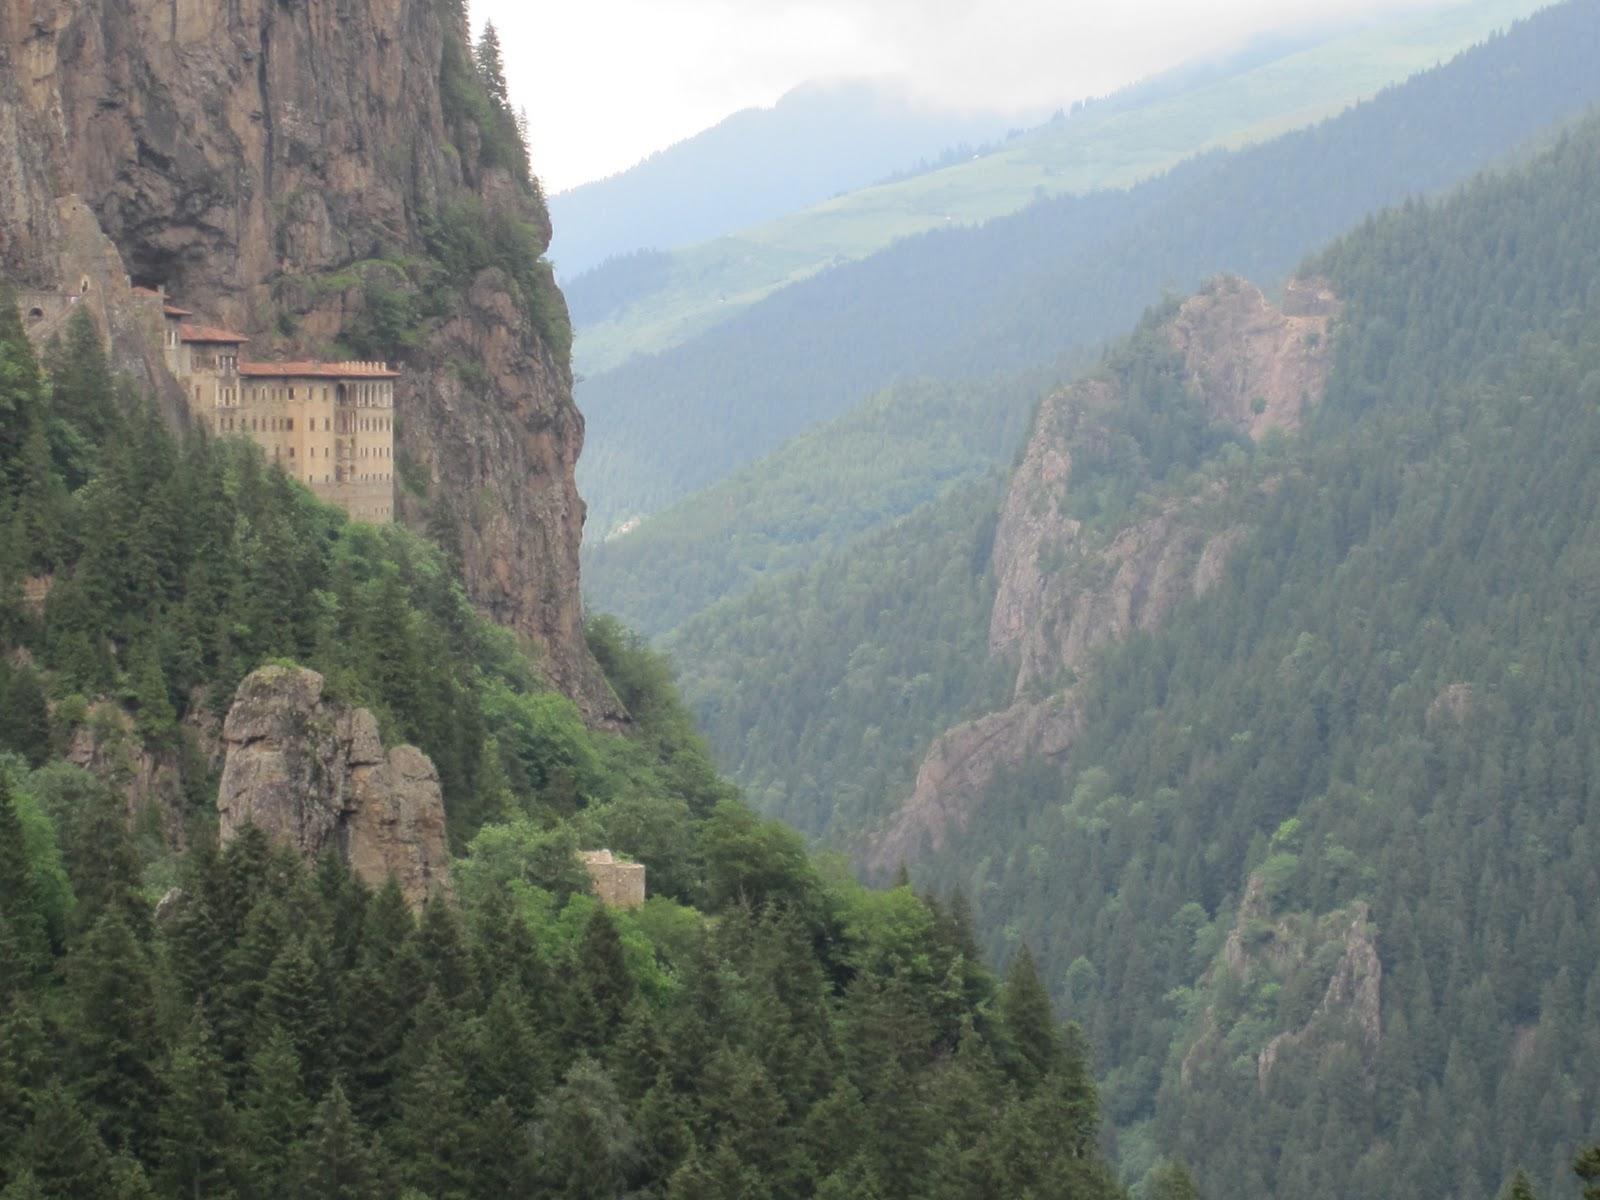 Cannundrums: Sumela Monastery